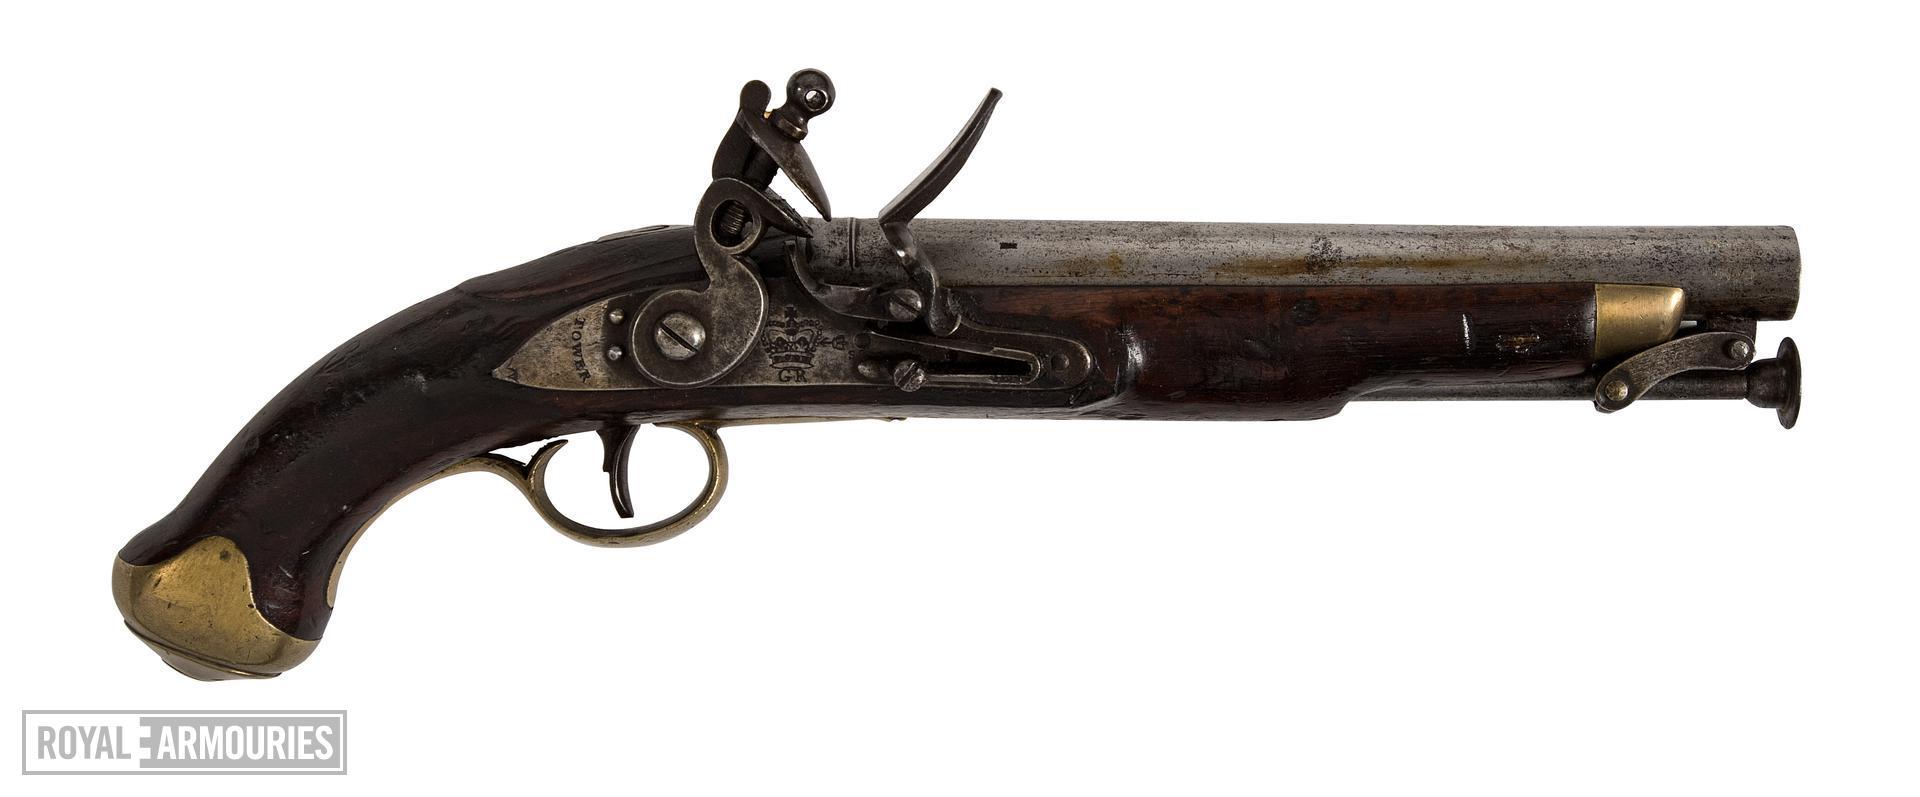 Flintlock muzzle-loading military pistol - Light Dragoon Pistol